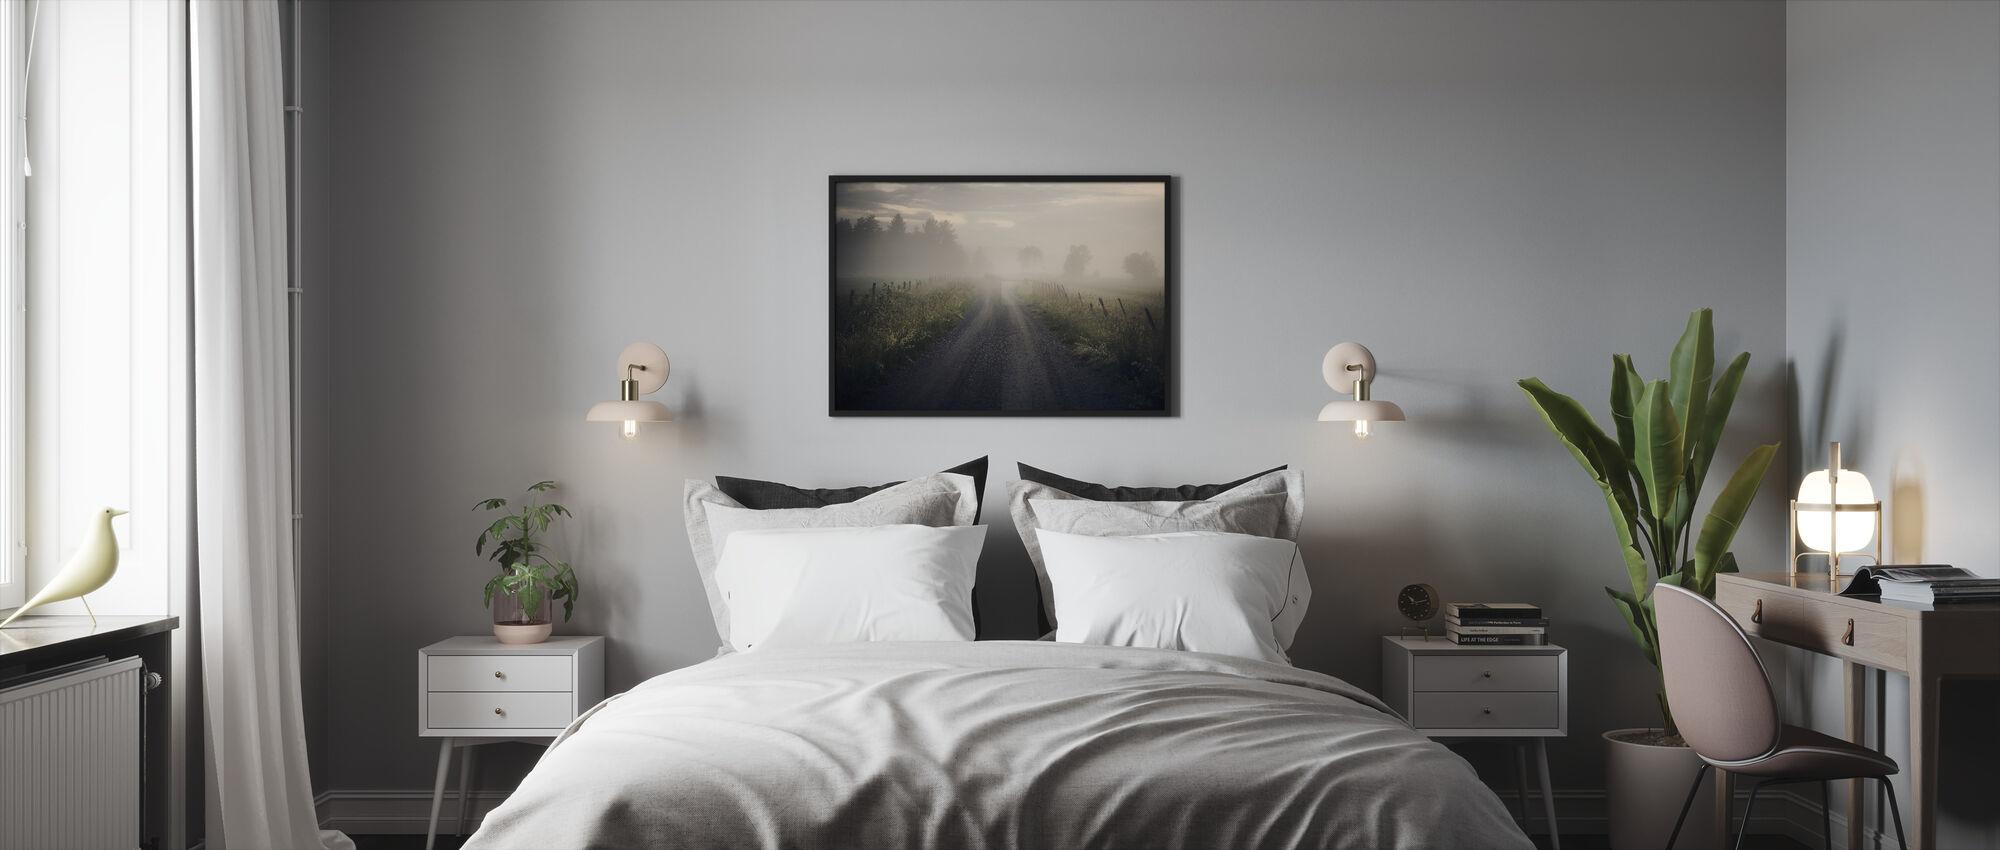 Misty Rural Road - Framed print - Bedroom